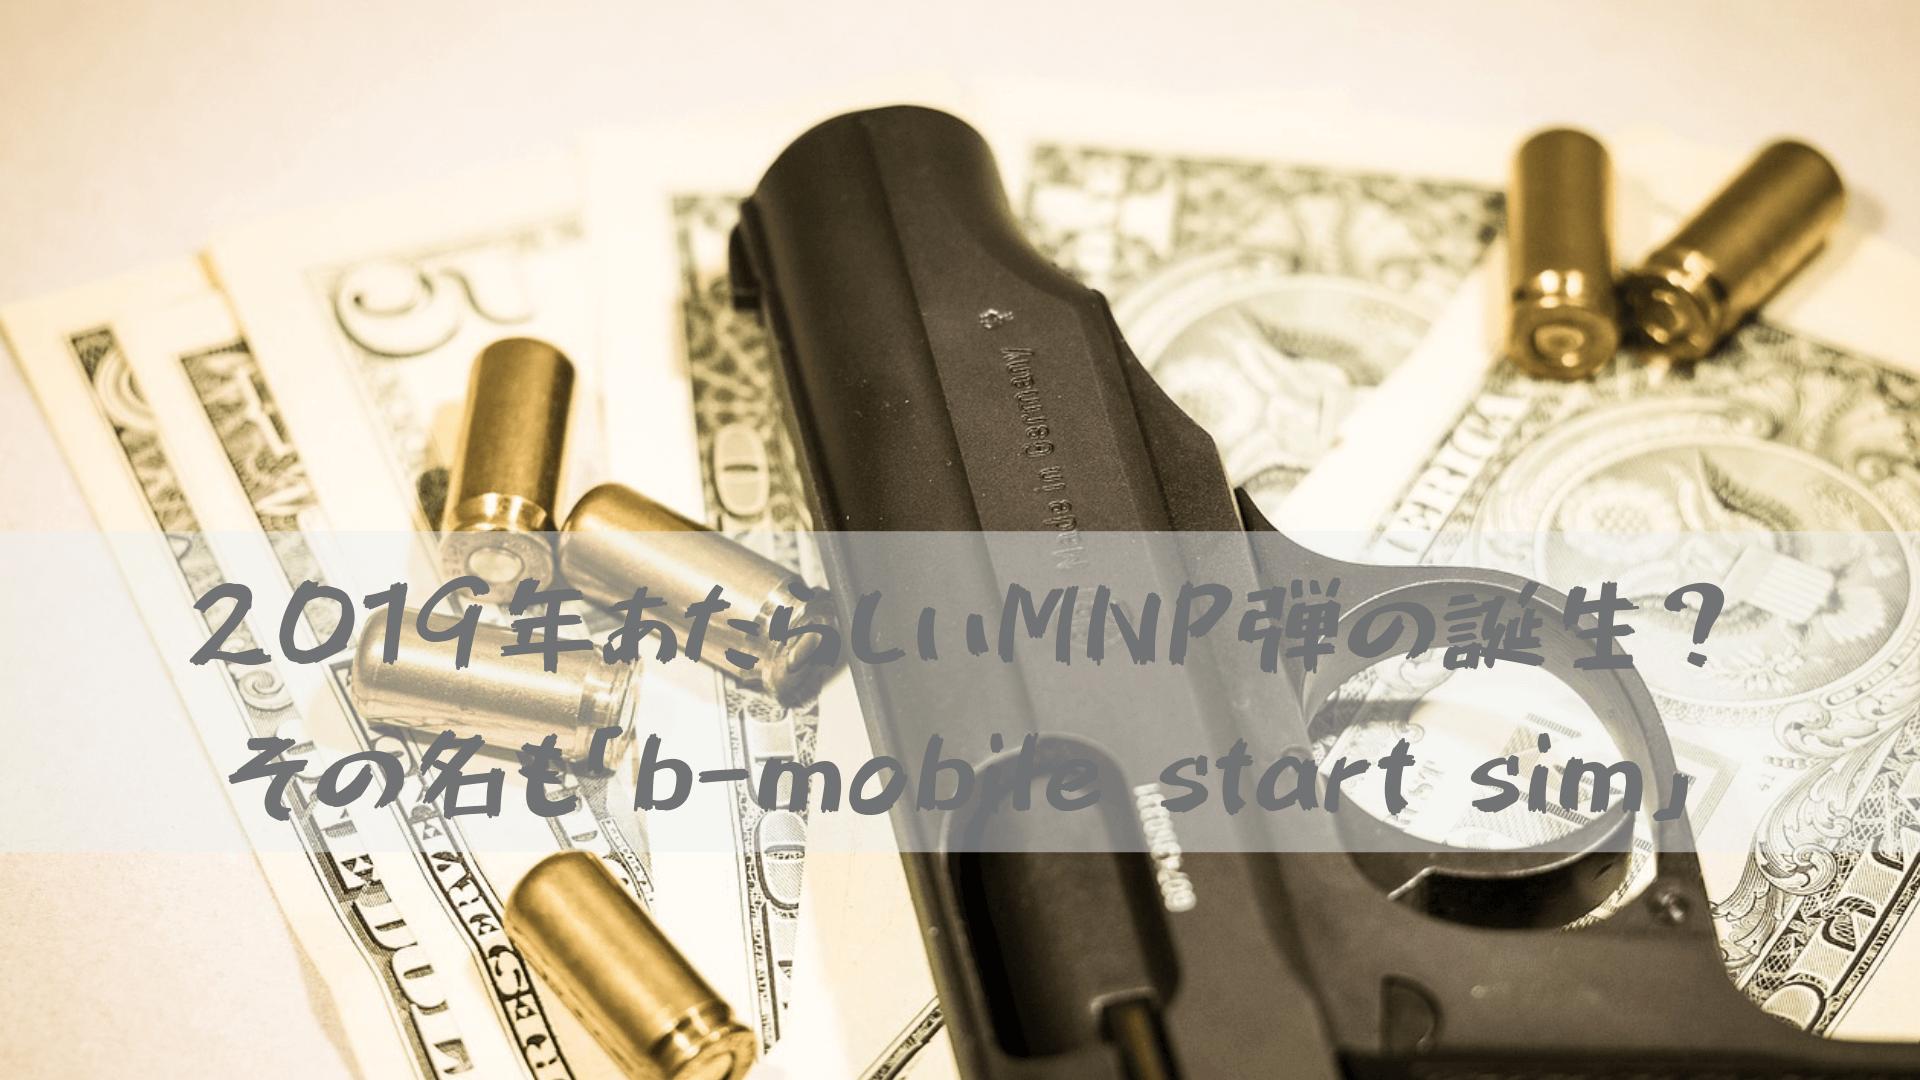 2019年あたらしいMNP弾の誕生?その名も「b-mobile start sim」